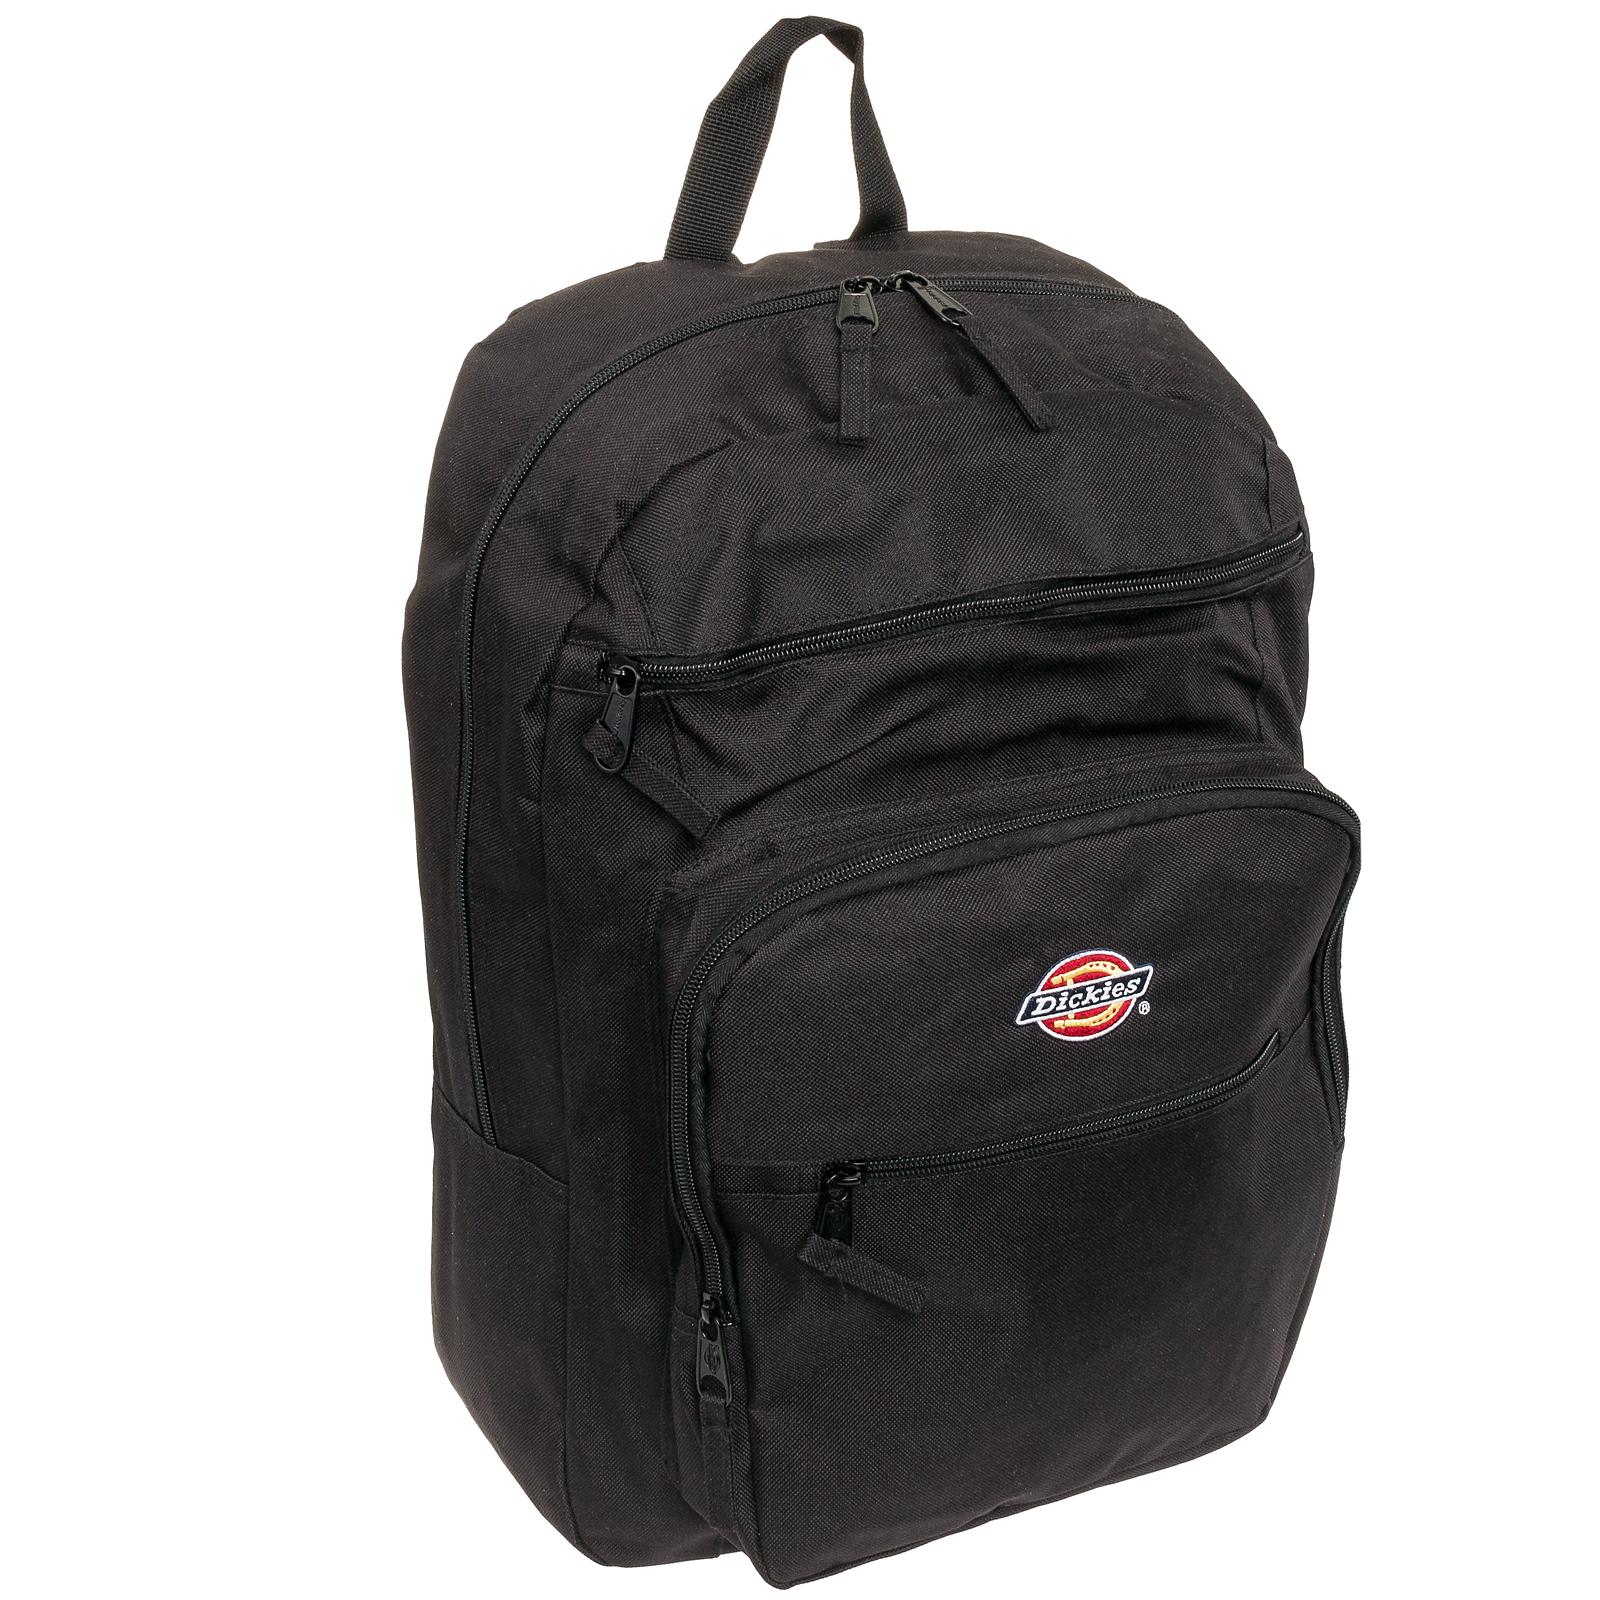 School Book Laptop Computer Tablet Double Deluxe Backpack Bag | eBay